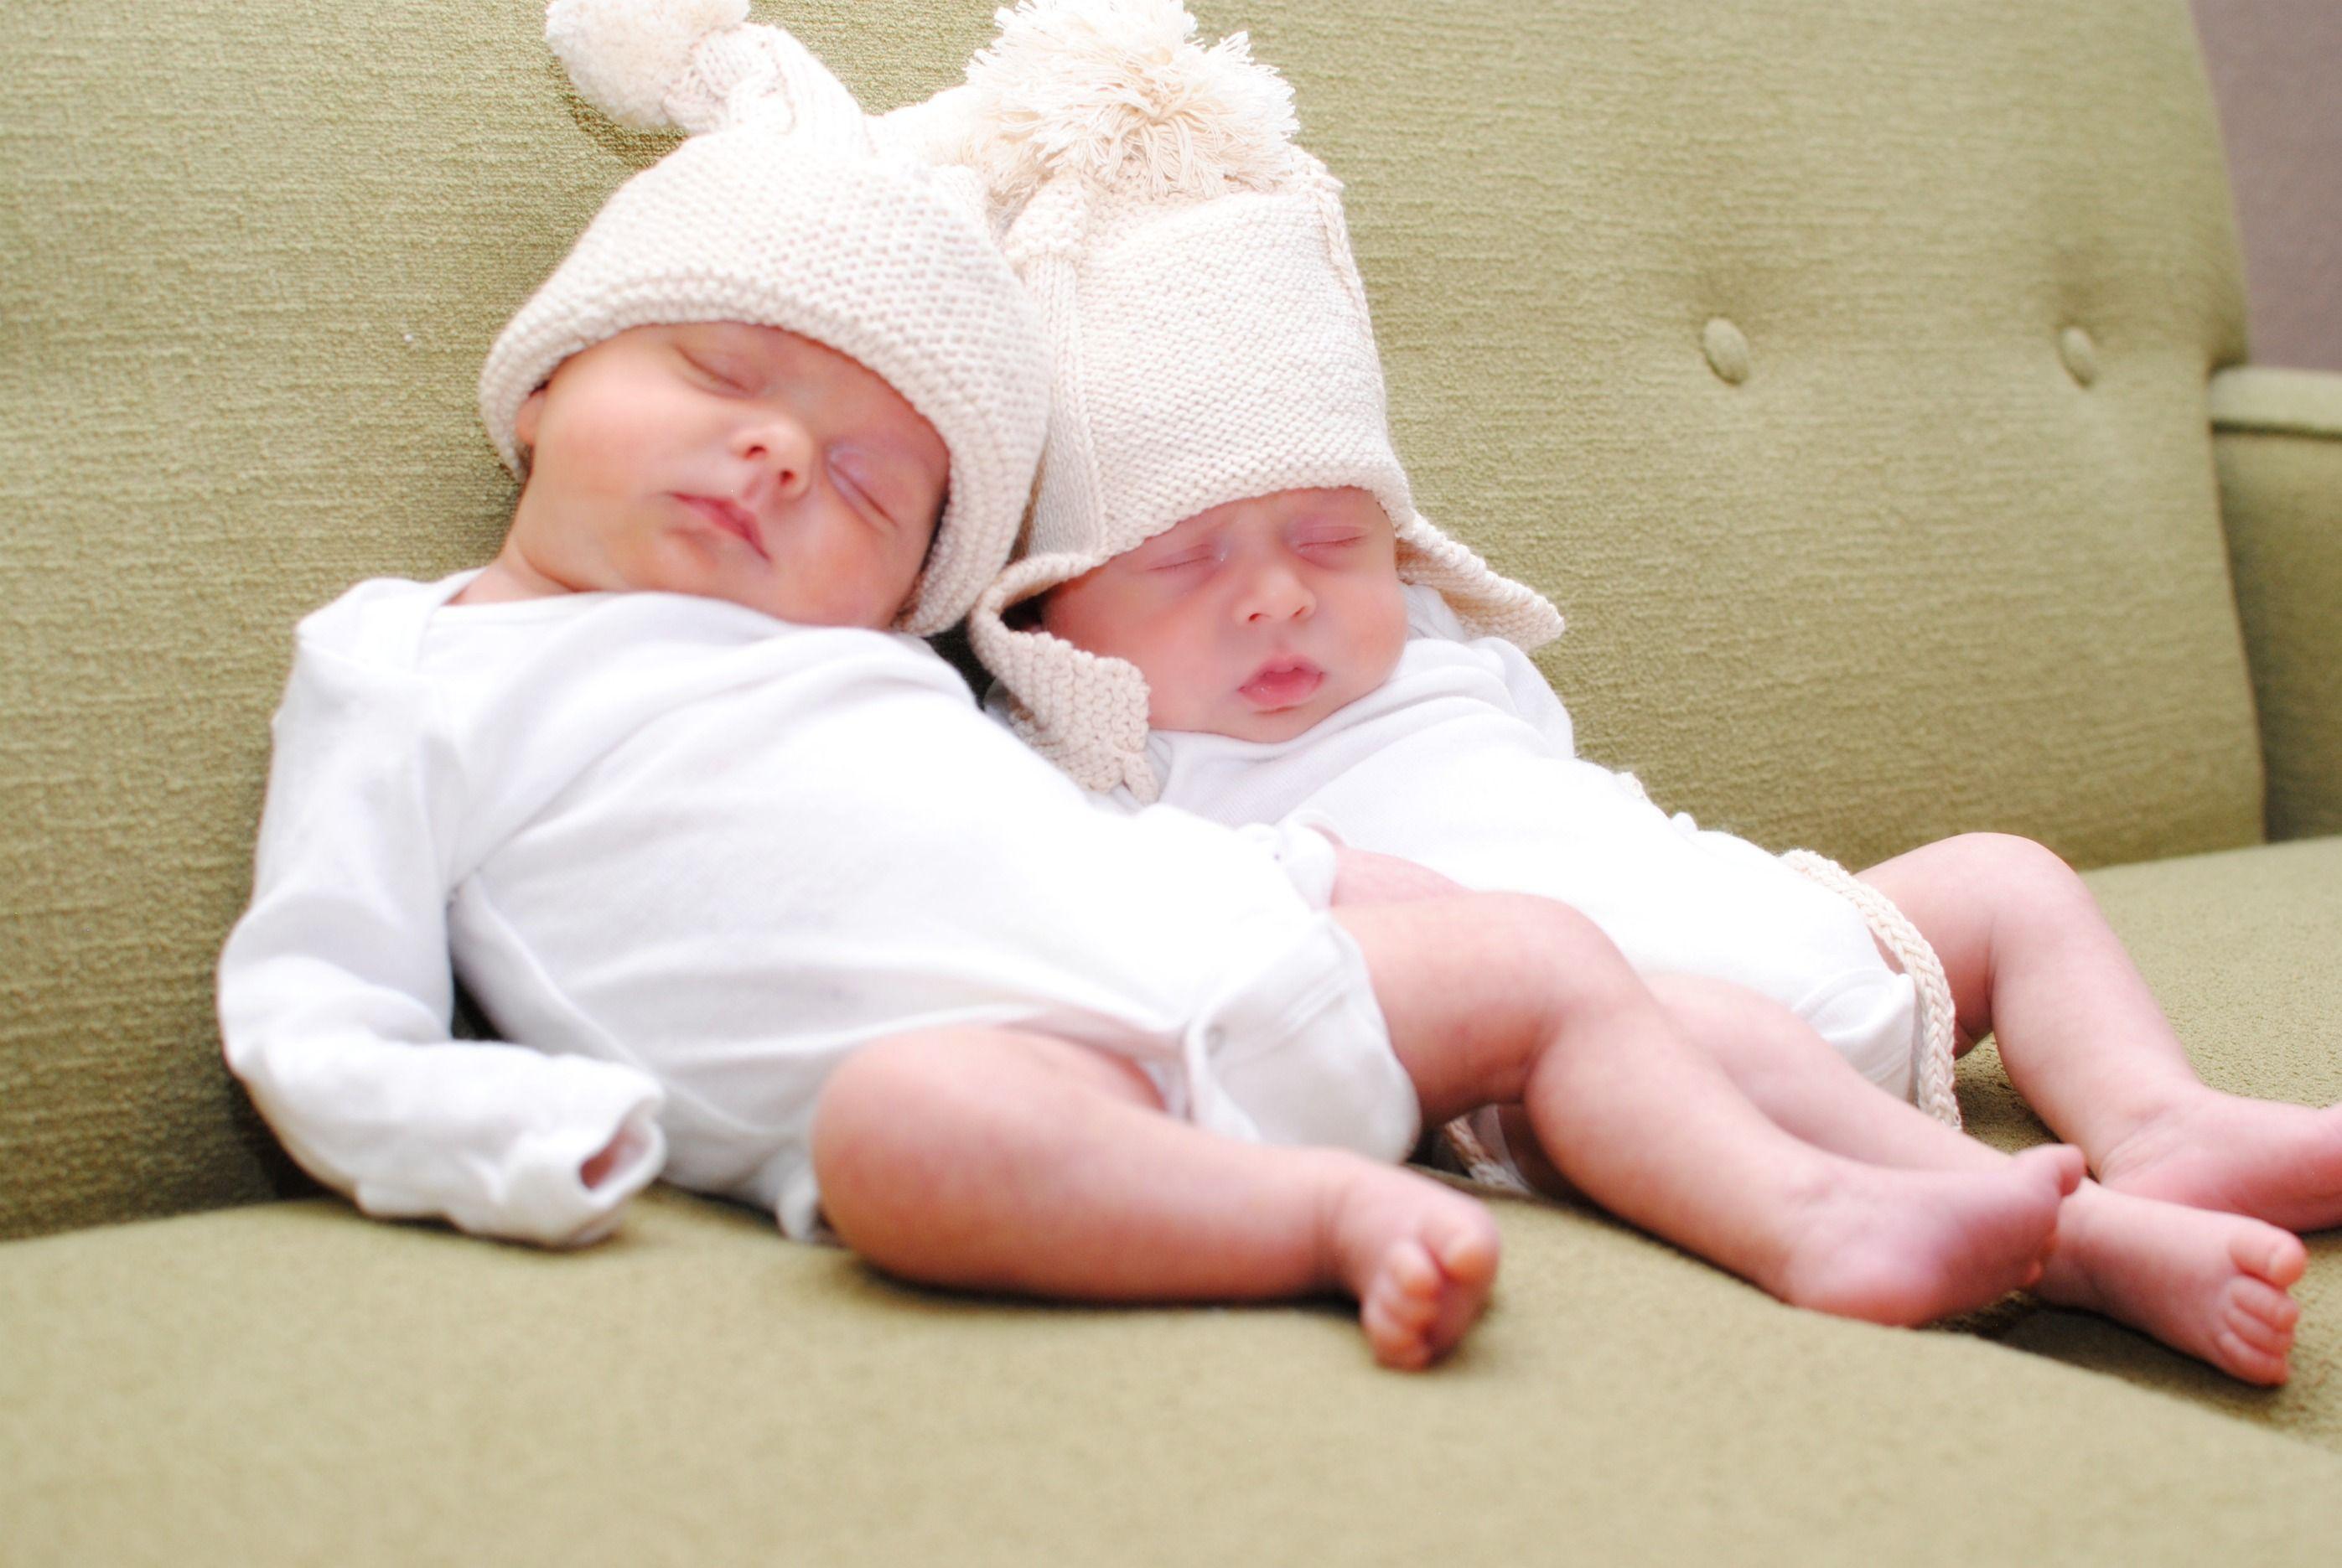 Newborn photos -Diana Paisley Photography | Newborn photos